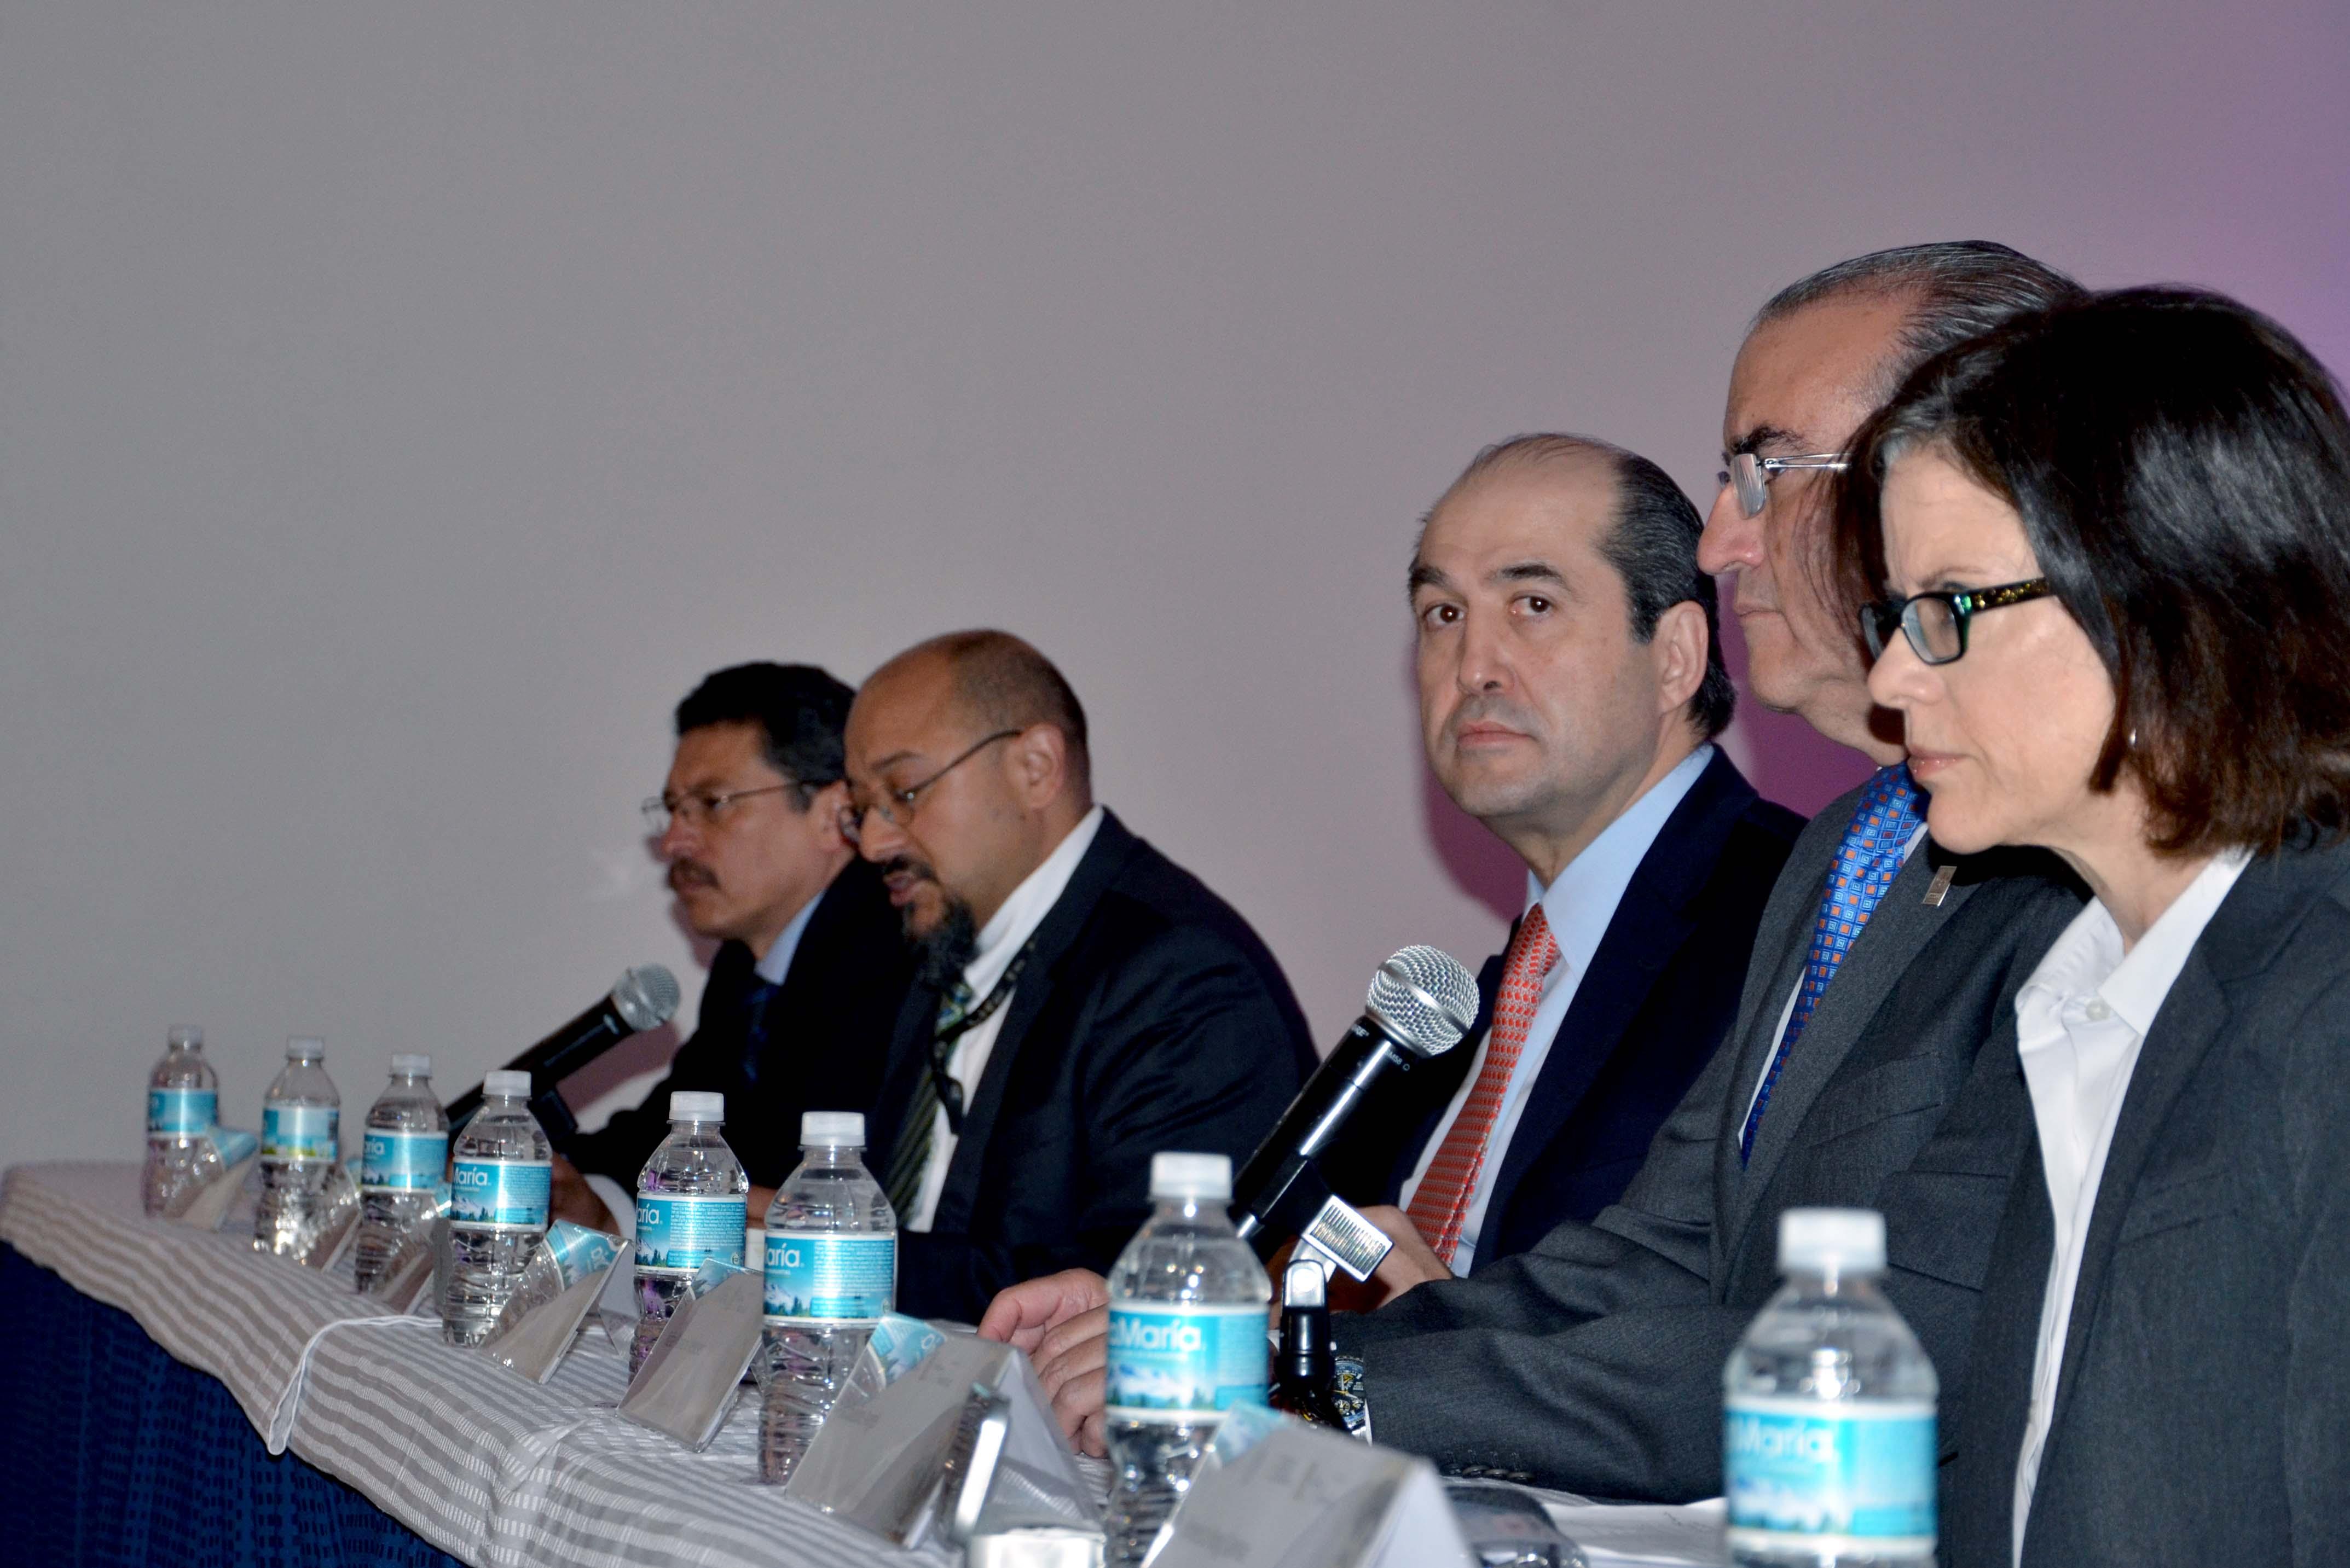 El doctor González Pier informó que nuestro país impulsa una política de envejecimiento sano y activo.